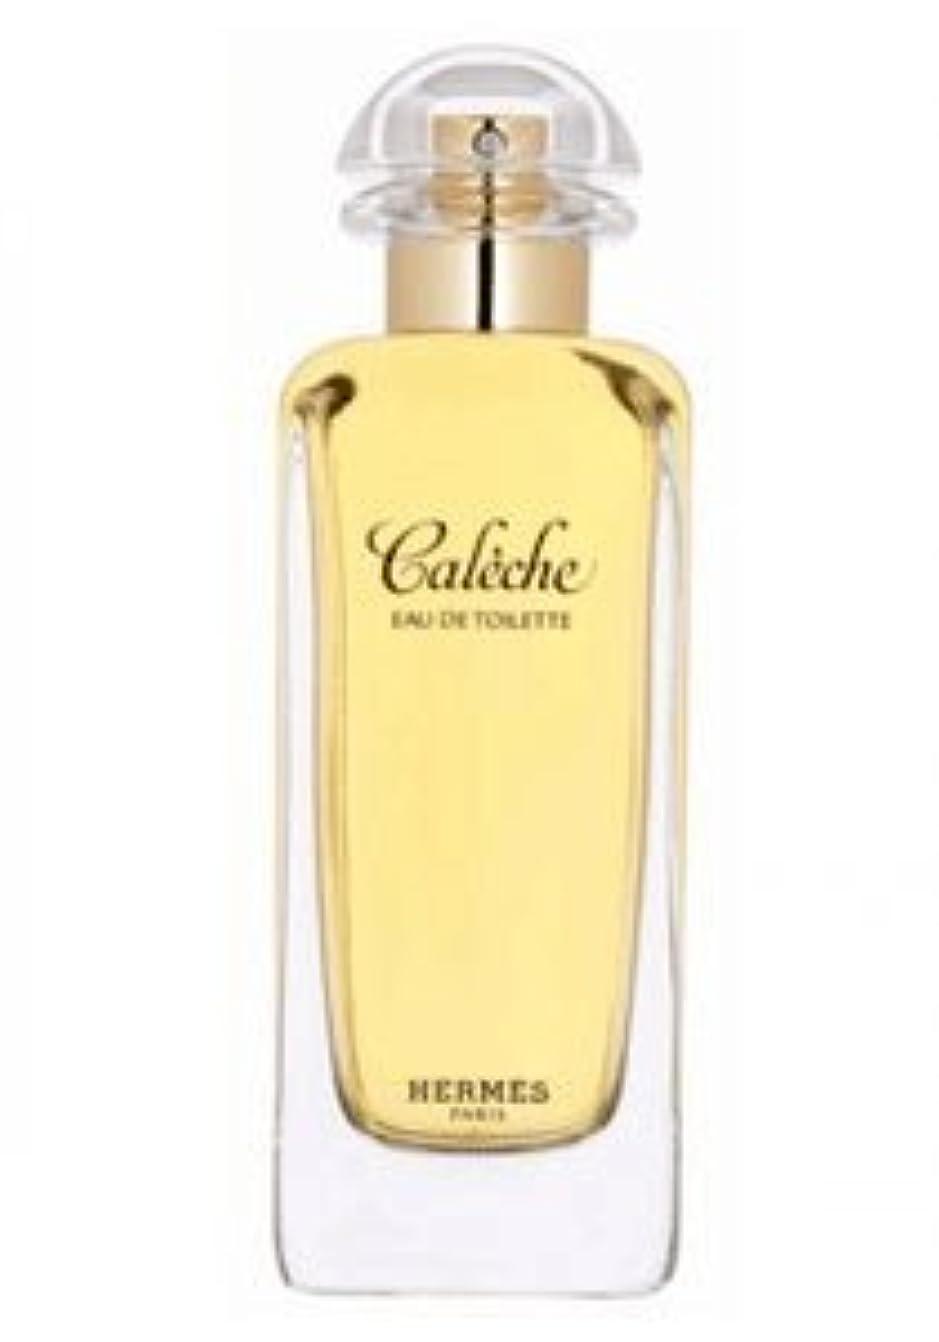 クラック公使館ユダヤ人Caleche (カレーシュ)3.3 oz (100ml) EDT Spray by Hermes for Women